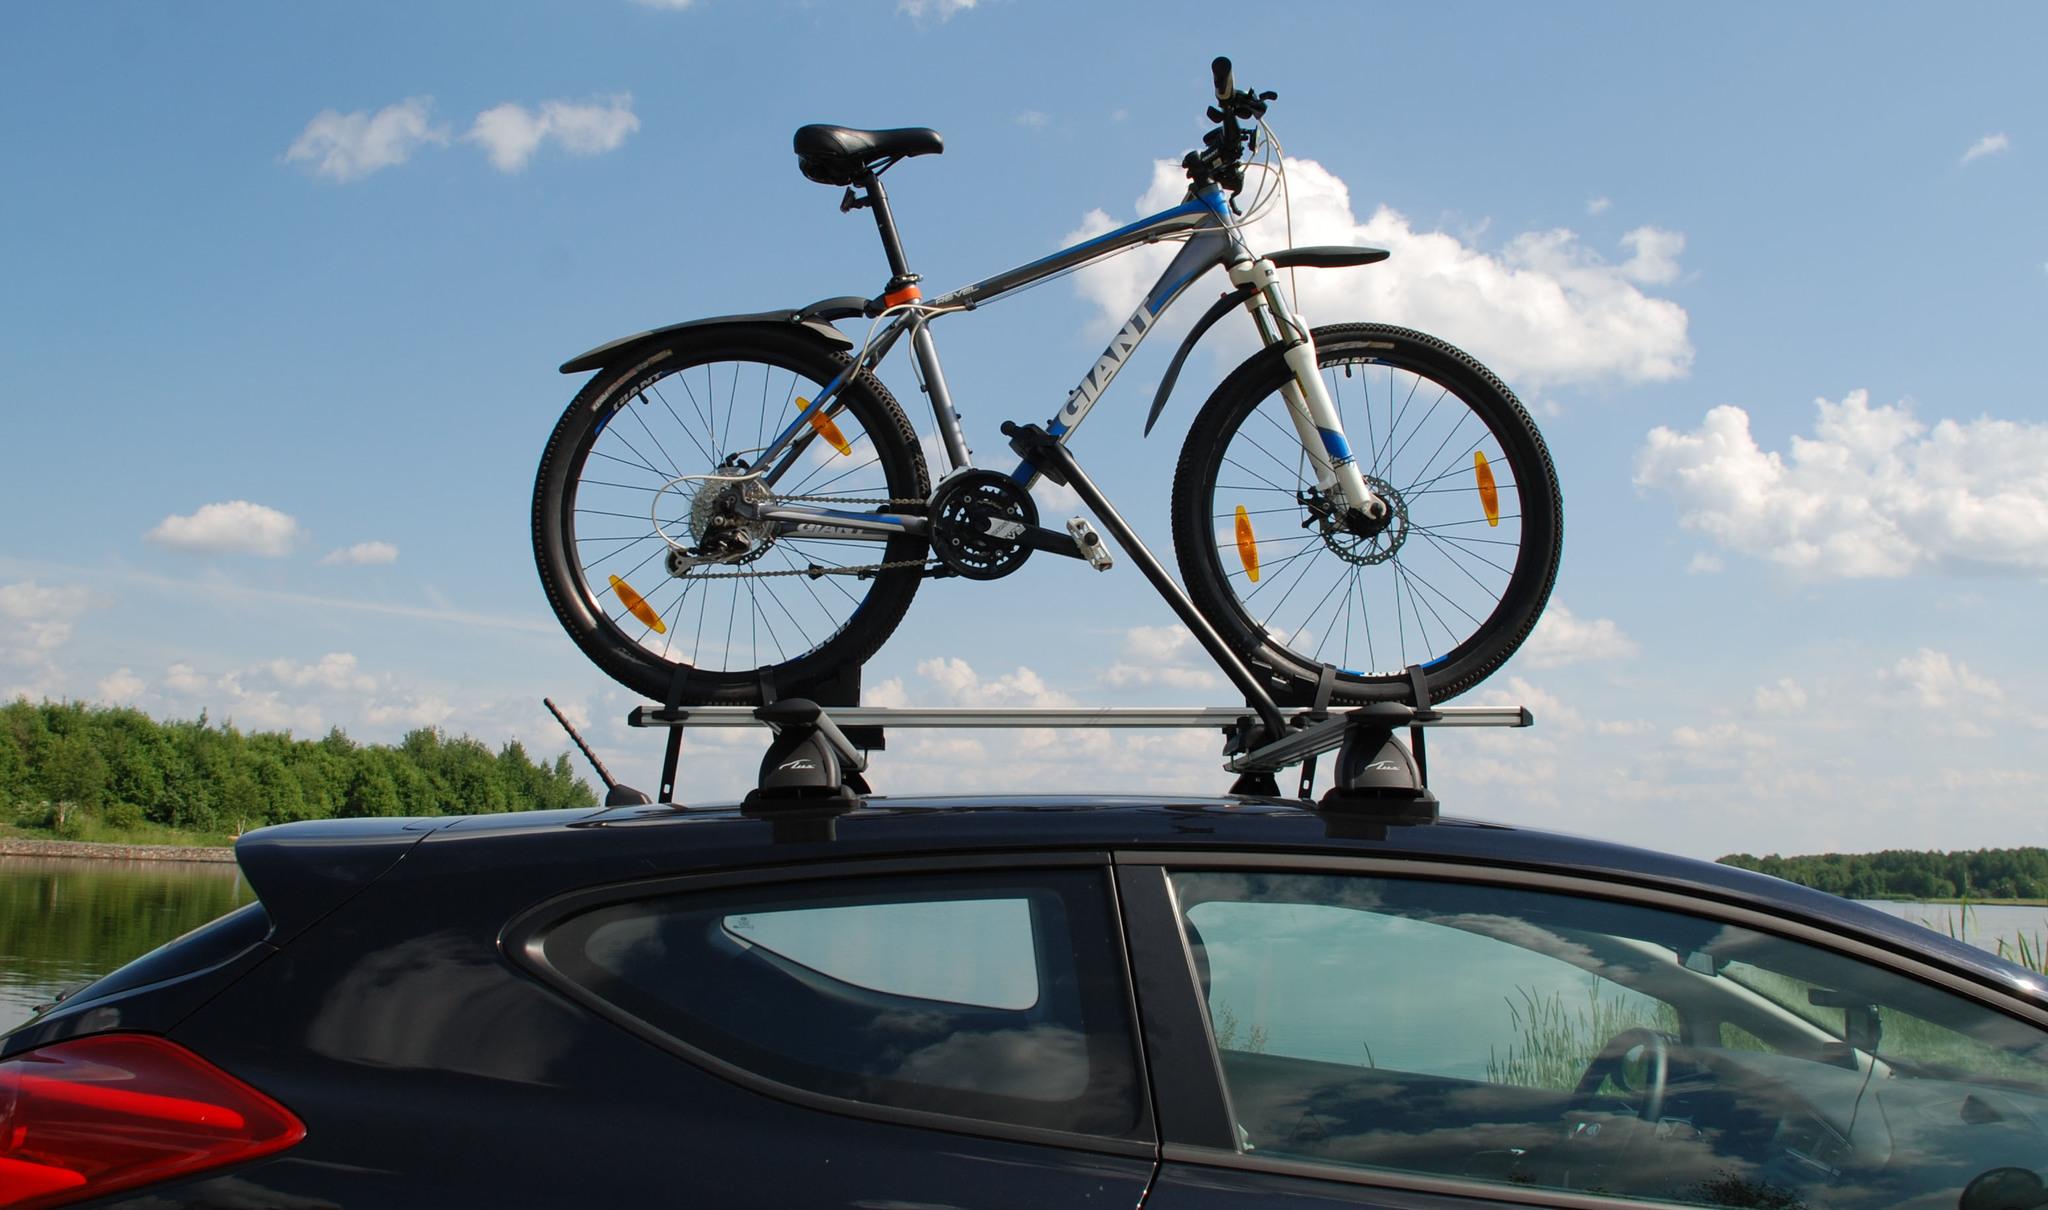 Лучшие способы перевозки велосипедов на автомобиле